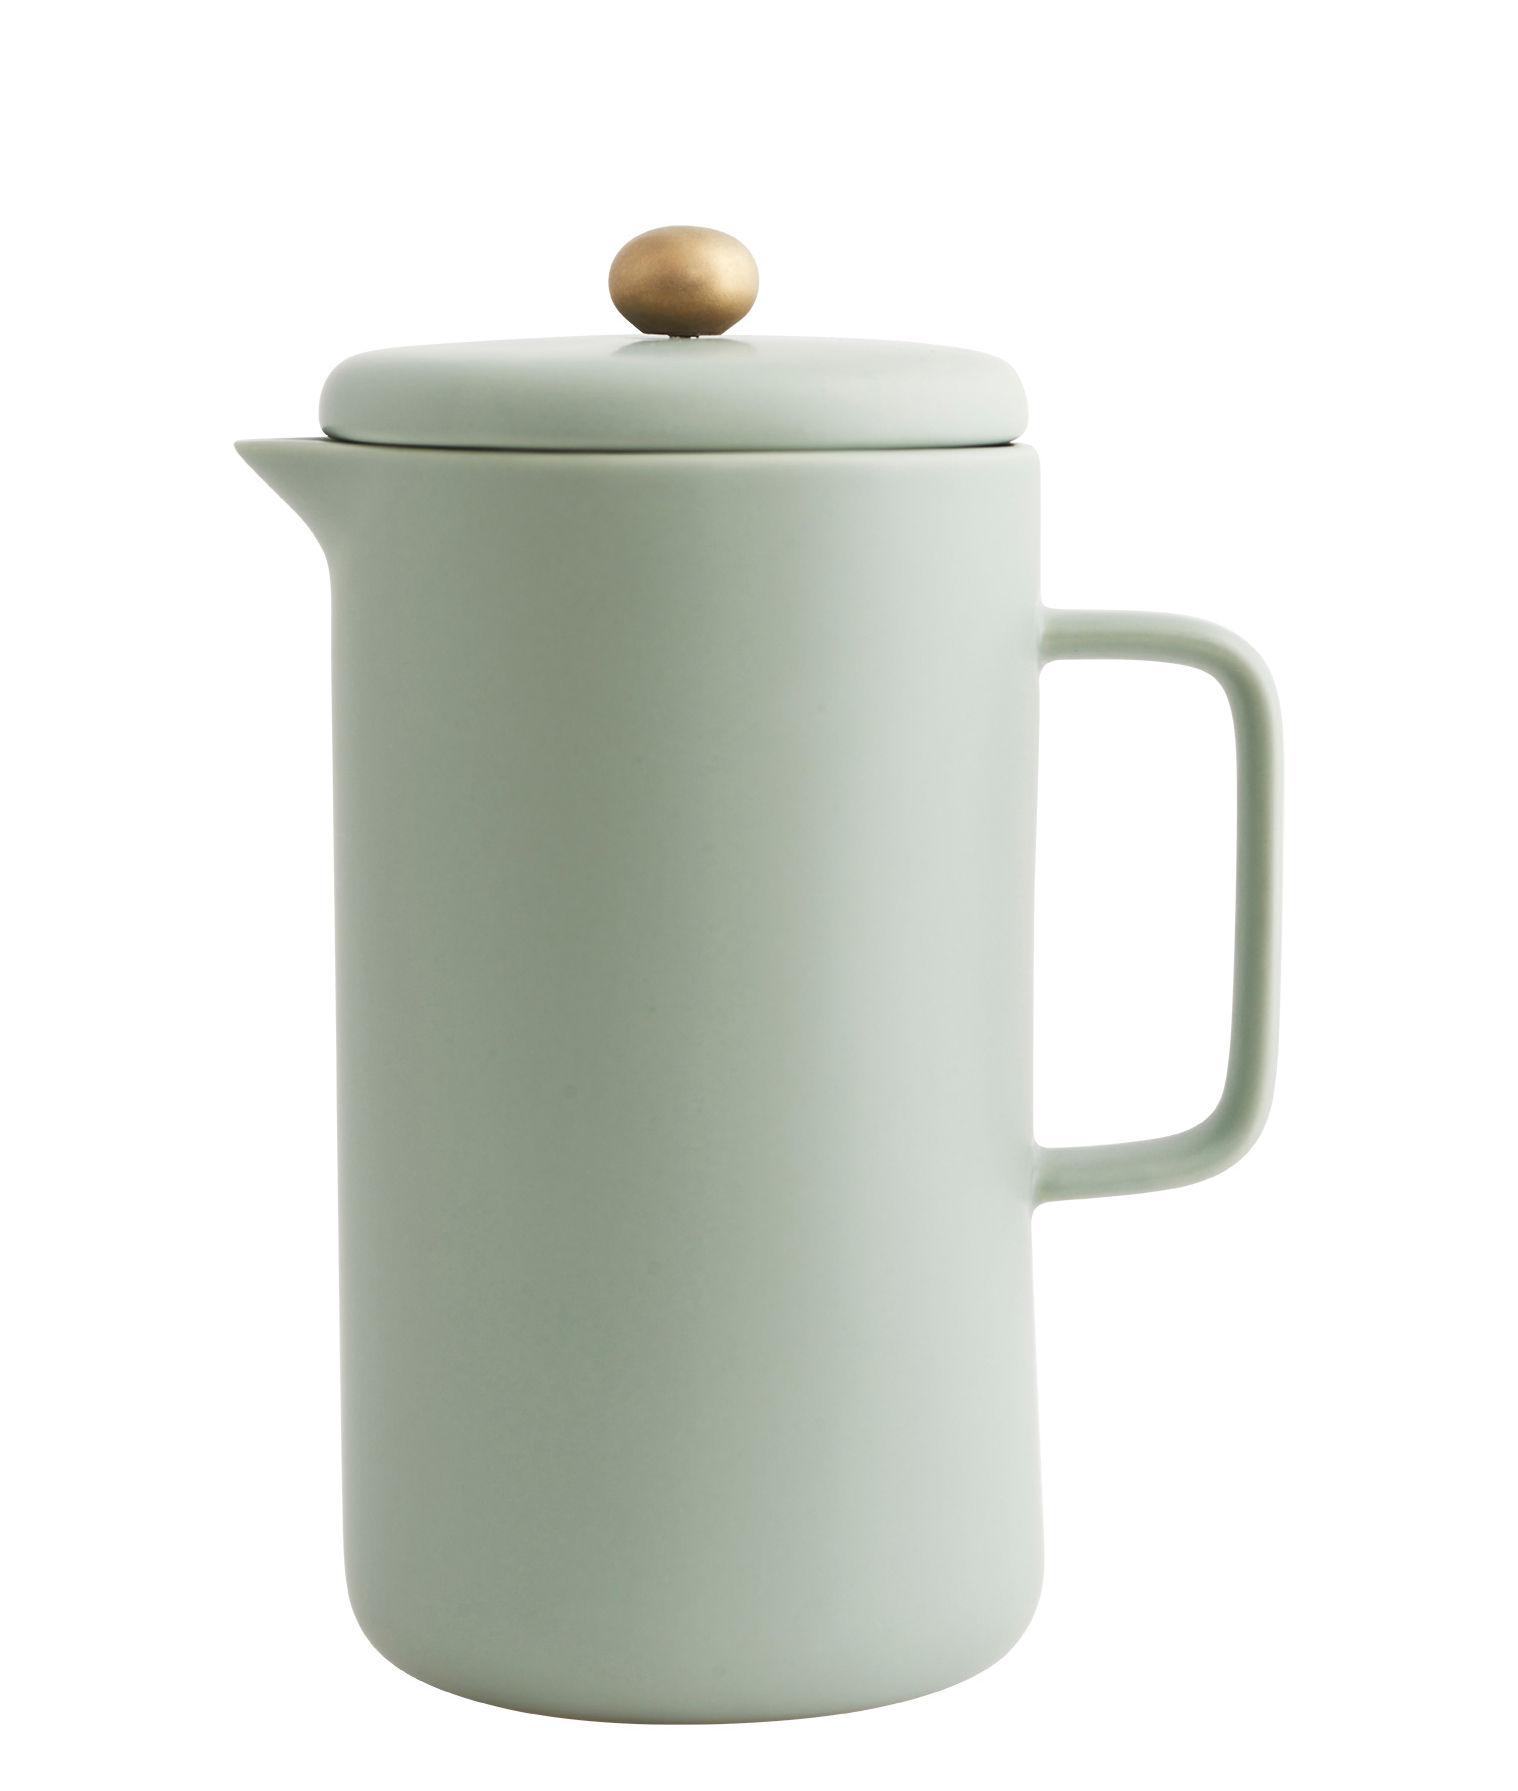 Arts de la table - Thé et café - Cafetière à piston Pot / Porcelaine - 1 L - House Doctor - Vert d'eau - Acier, Porcelaine